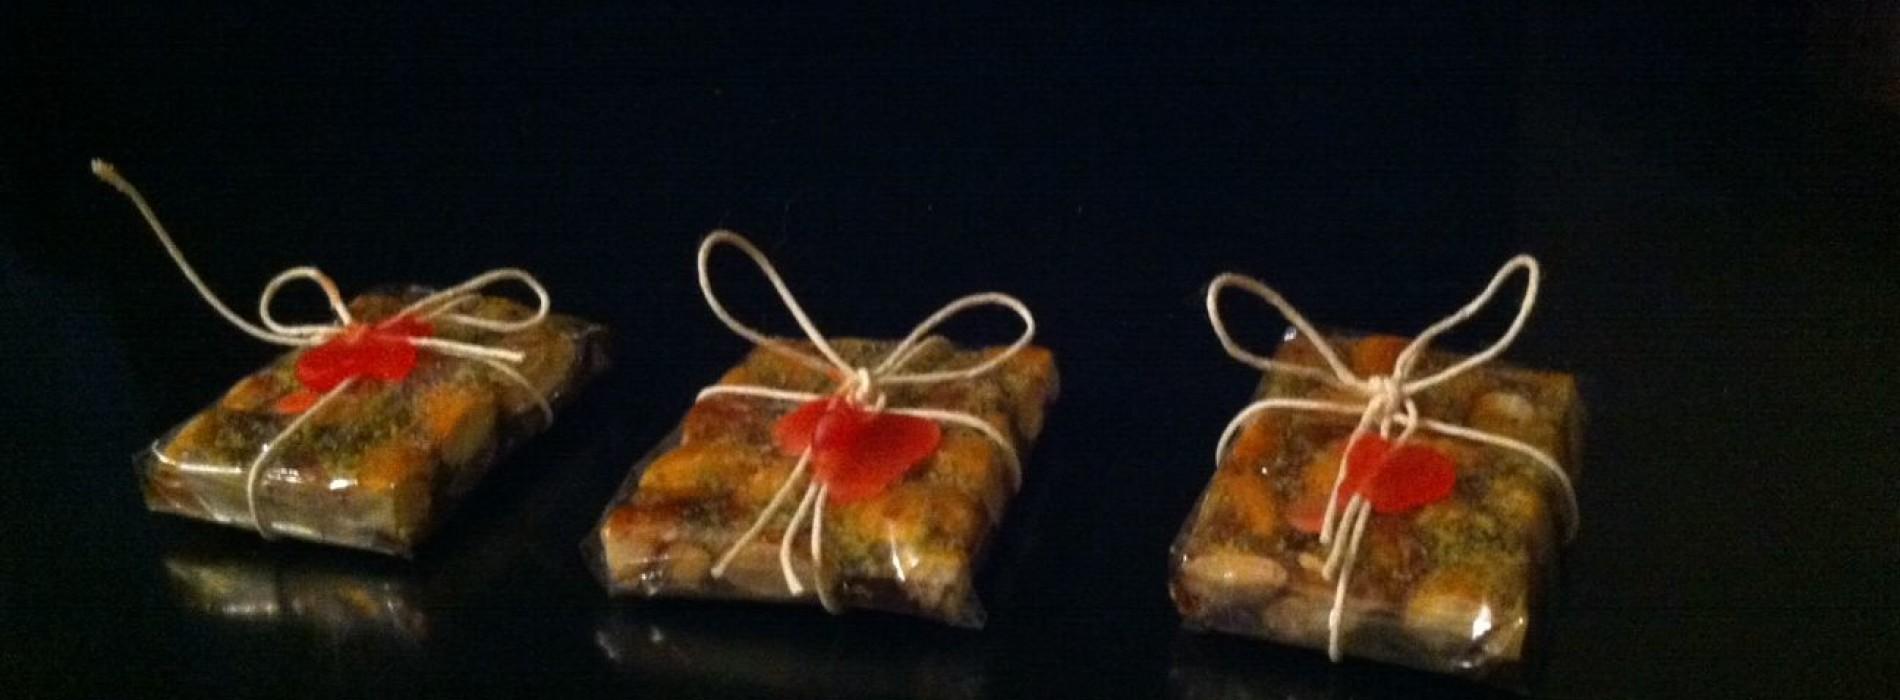 Il croccante di Natale: una delizia da preparare e regalare per le feste